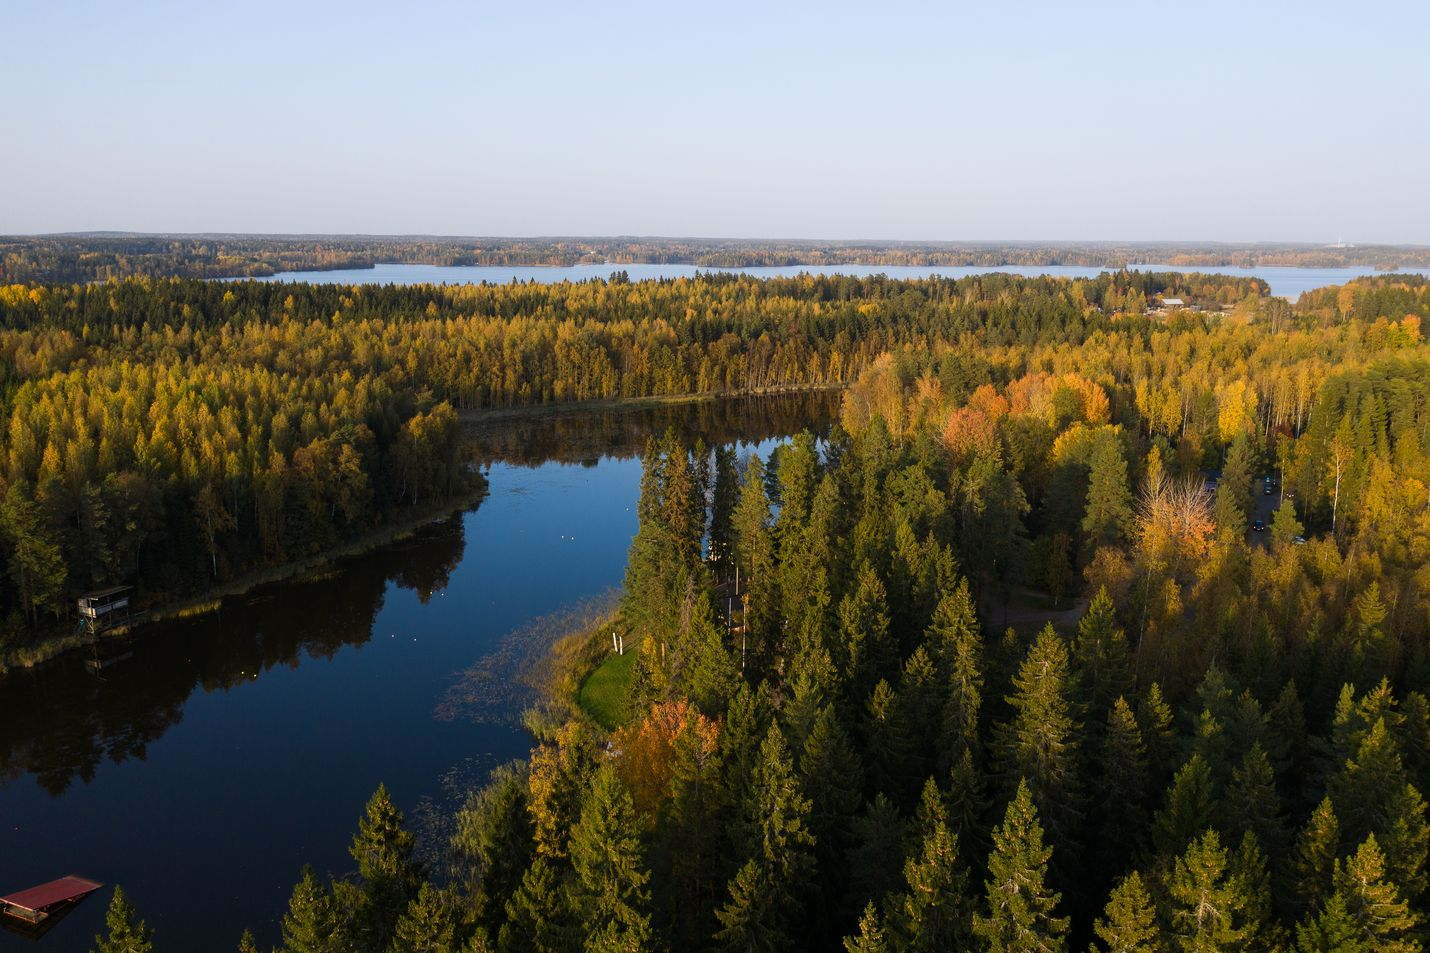 Hiilinielujen kasvattamiseksi ostetaan esimerkiksi metsiä. Uusia hiilinieluja voidaan ostaa myös hiilikompensaatioita tarjoavilta toimijoilta. Erilaisia hiilipörssejä tulee koko ajan lisää.